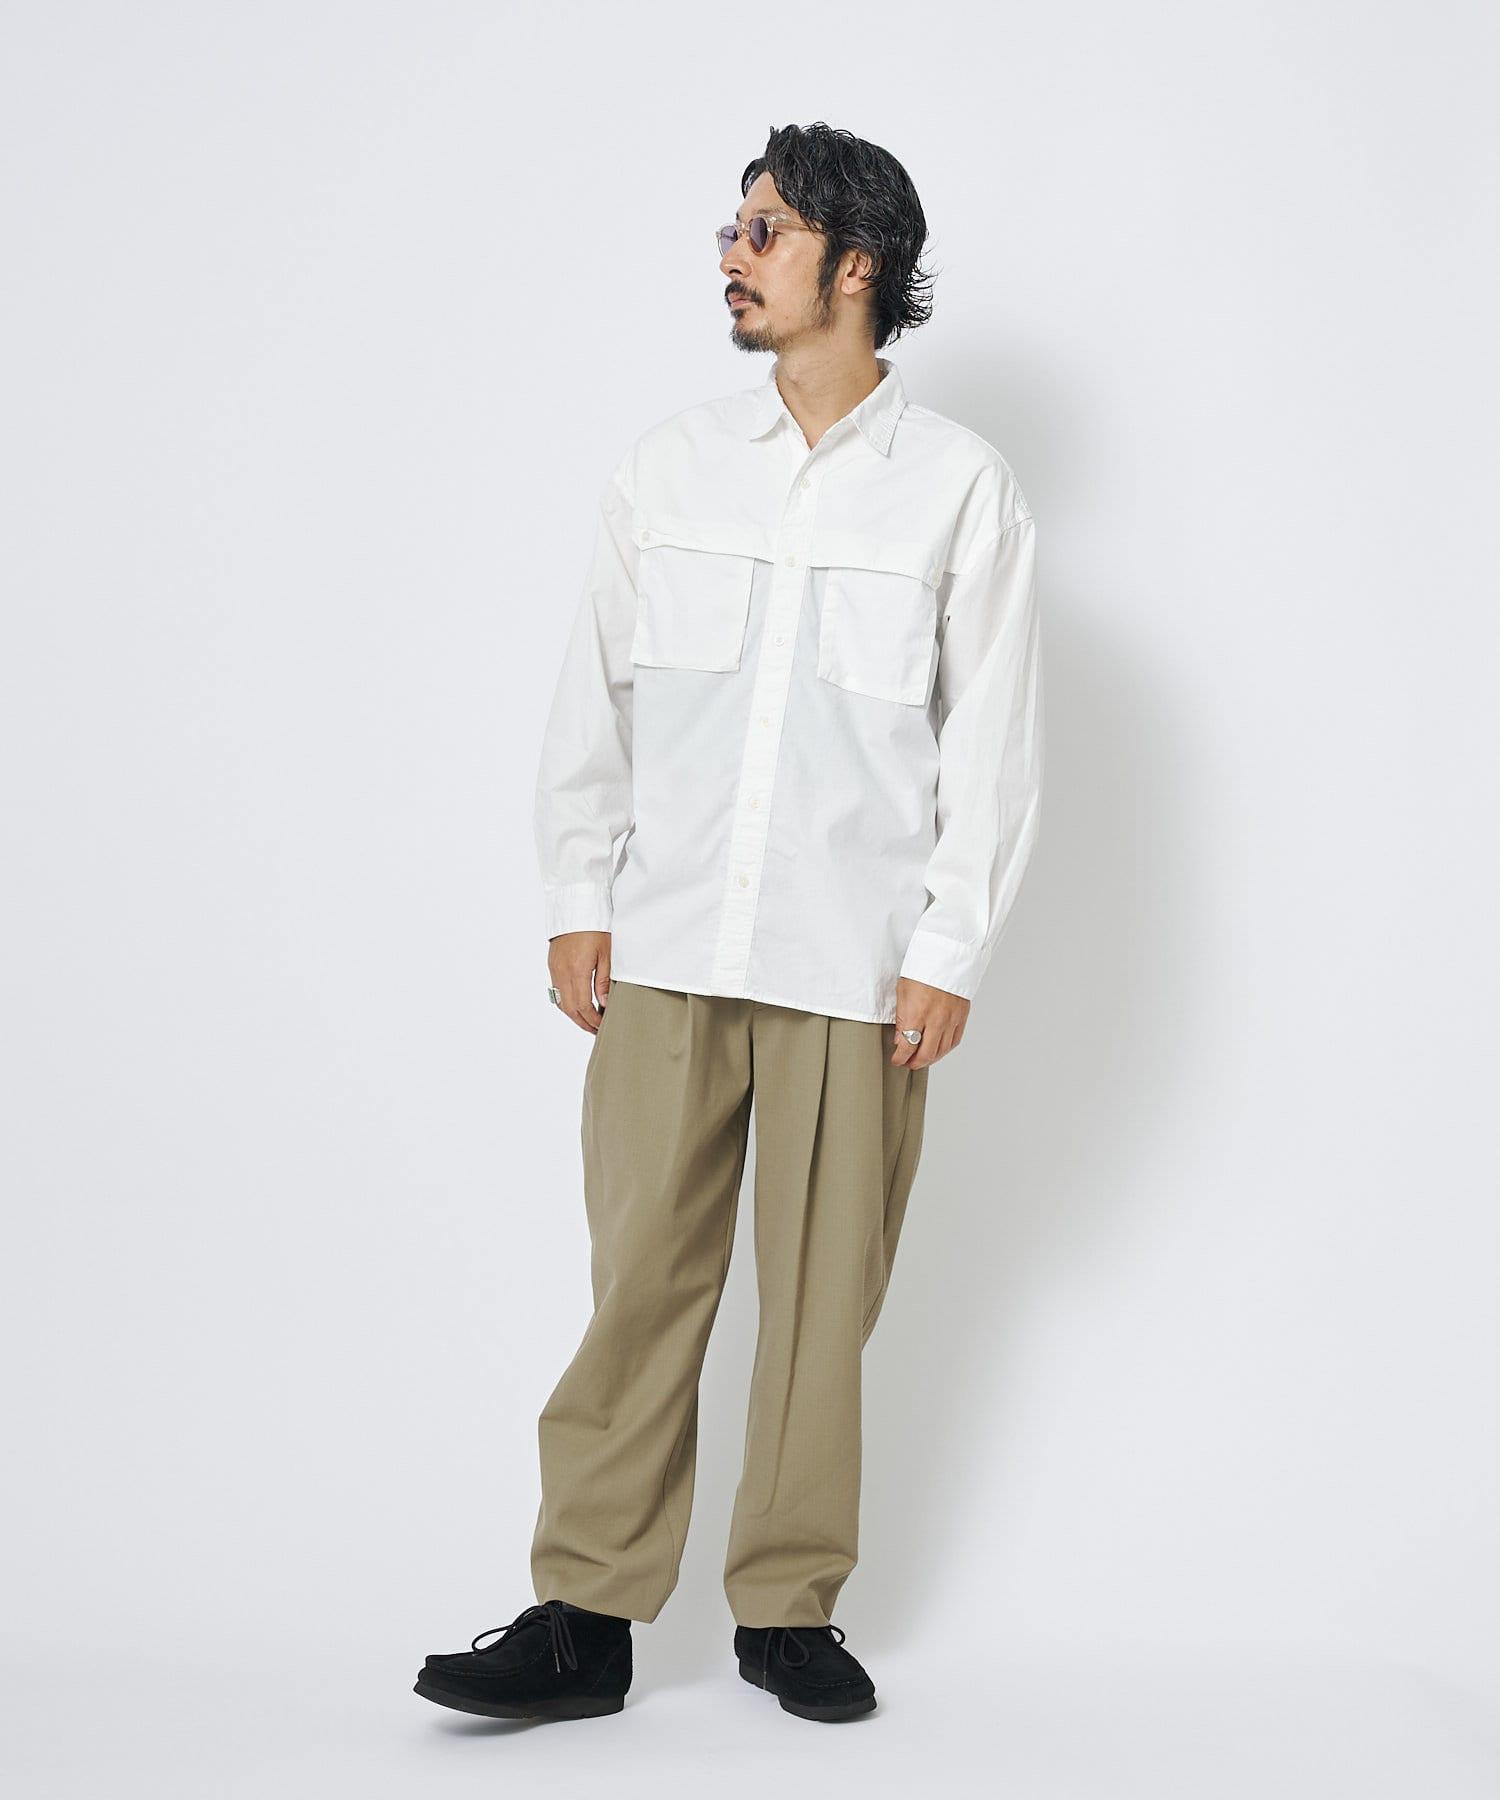 OUTLET(アウトレット) 【Ciaopanic】コットンウエスタンデザインシャツ